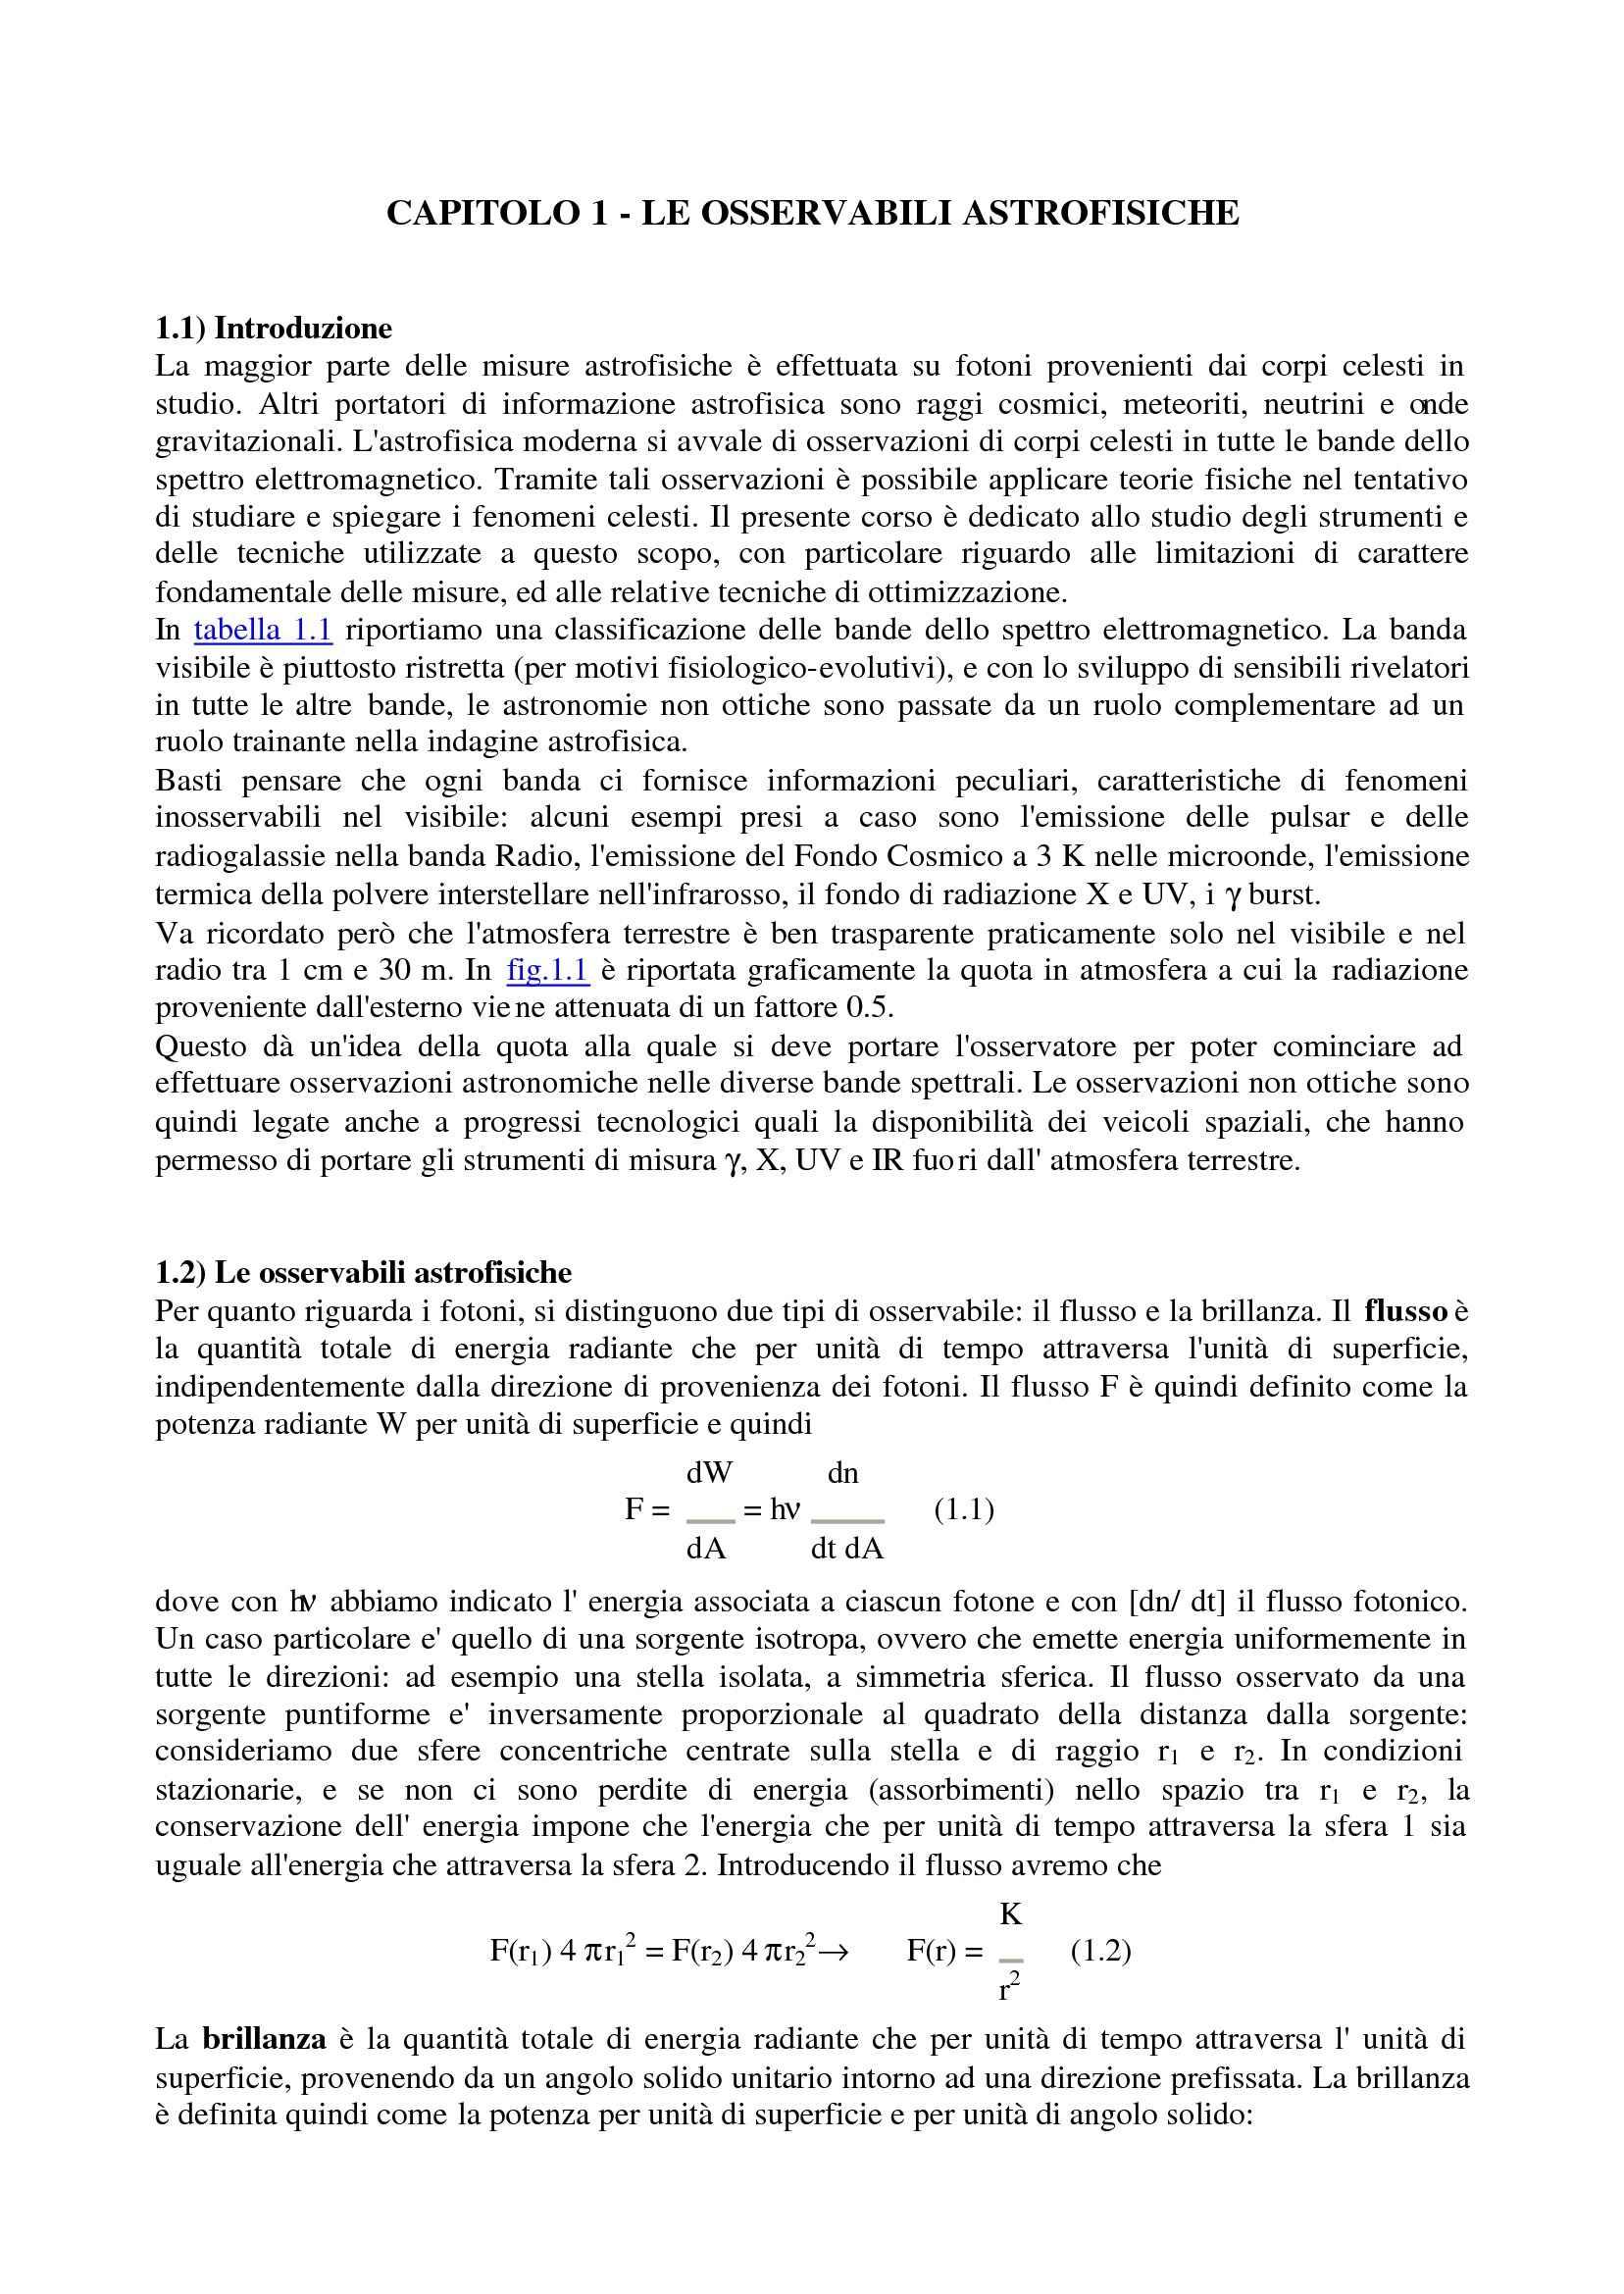 Fotometria e misura delle distanze